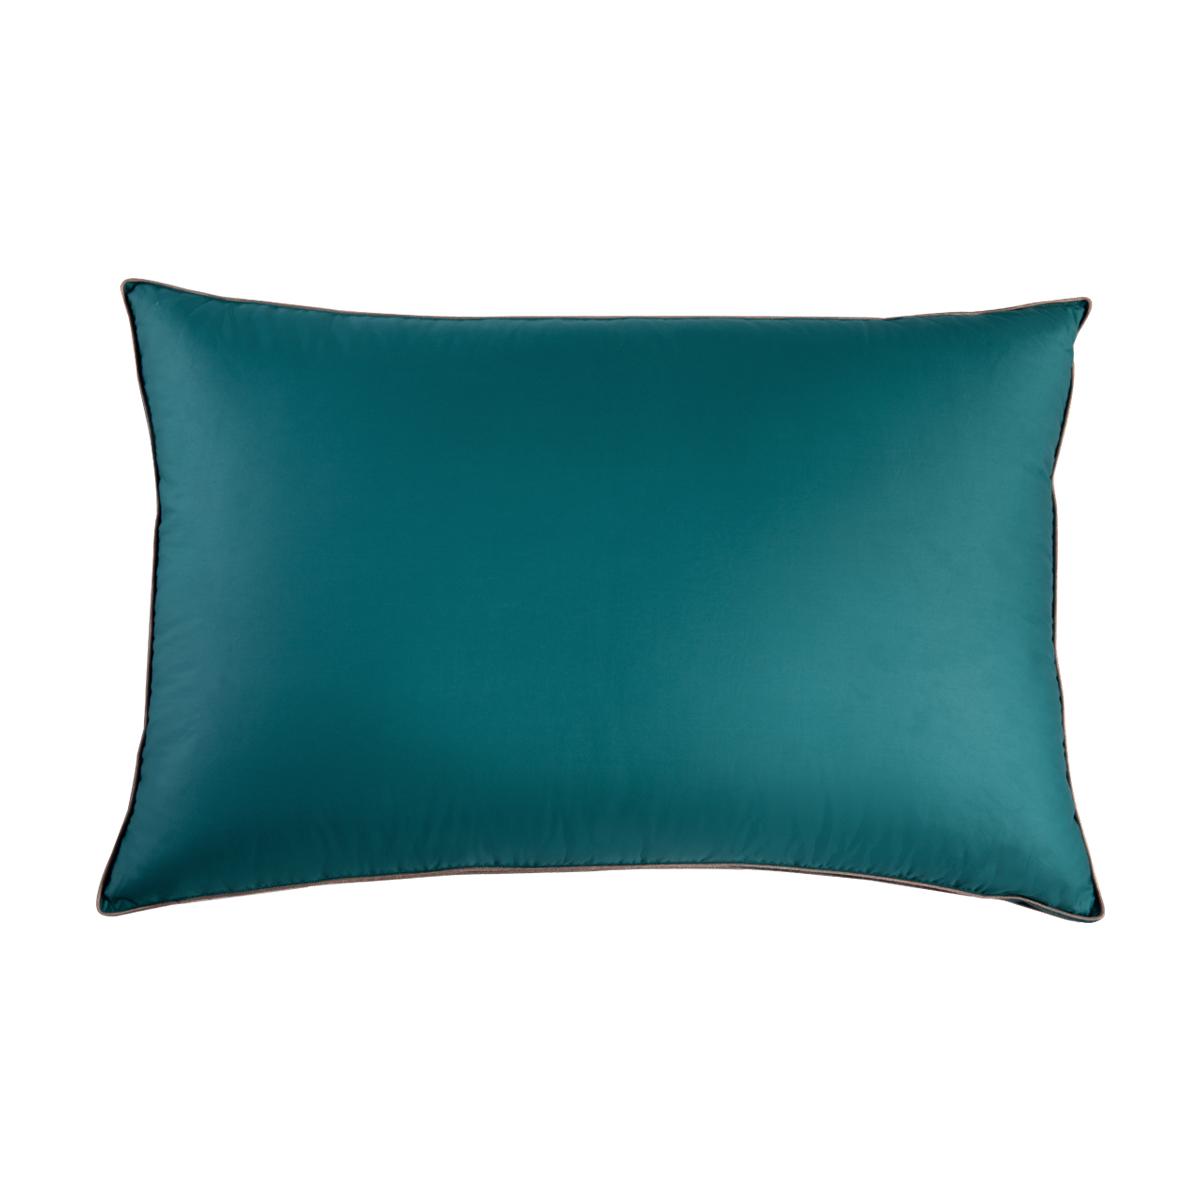 【薇娅推荐】水星家纺艾尔雅抗菌鹅绒鹅毛复合枕芯护颈枕单人枕头